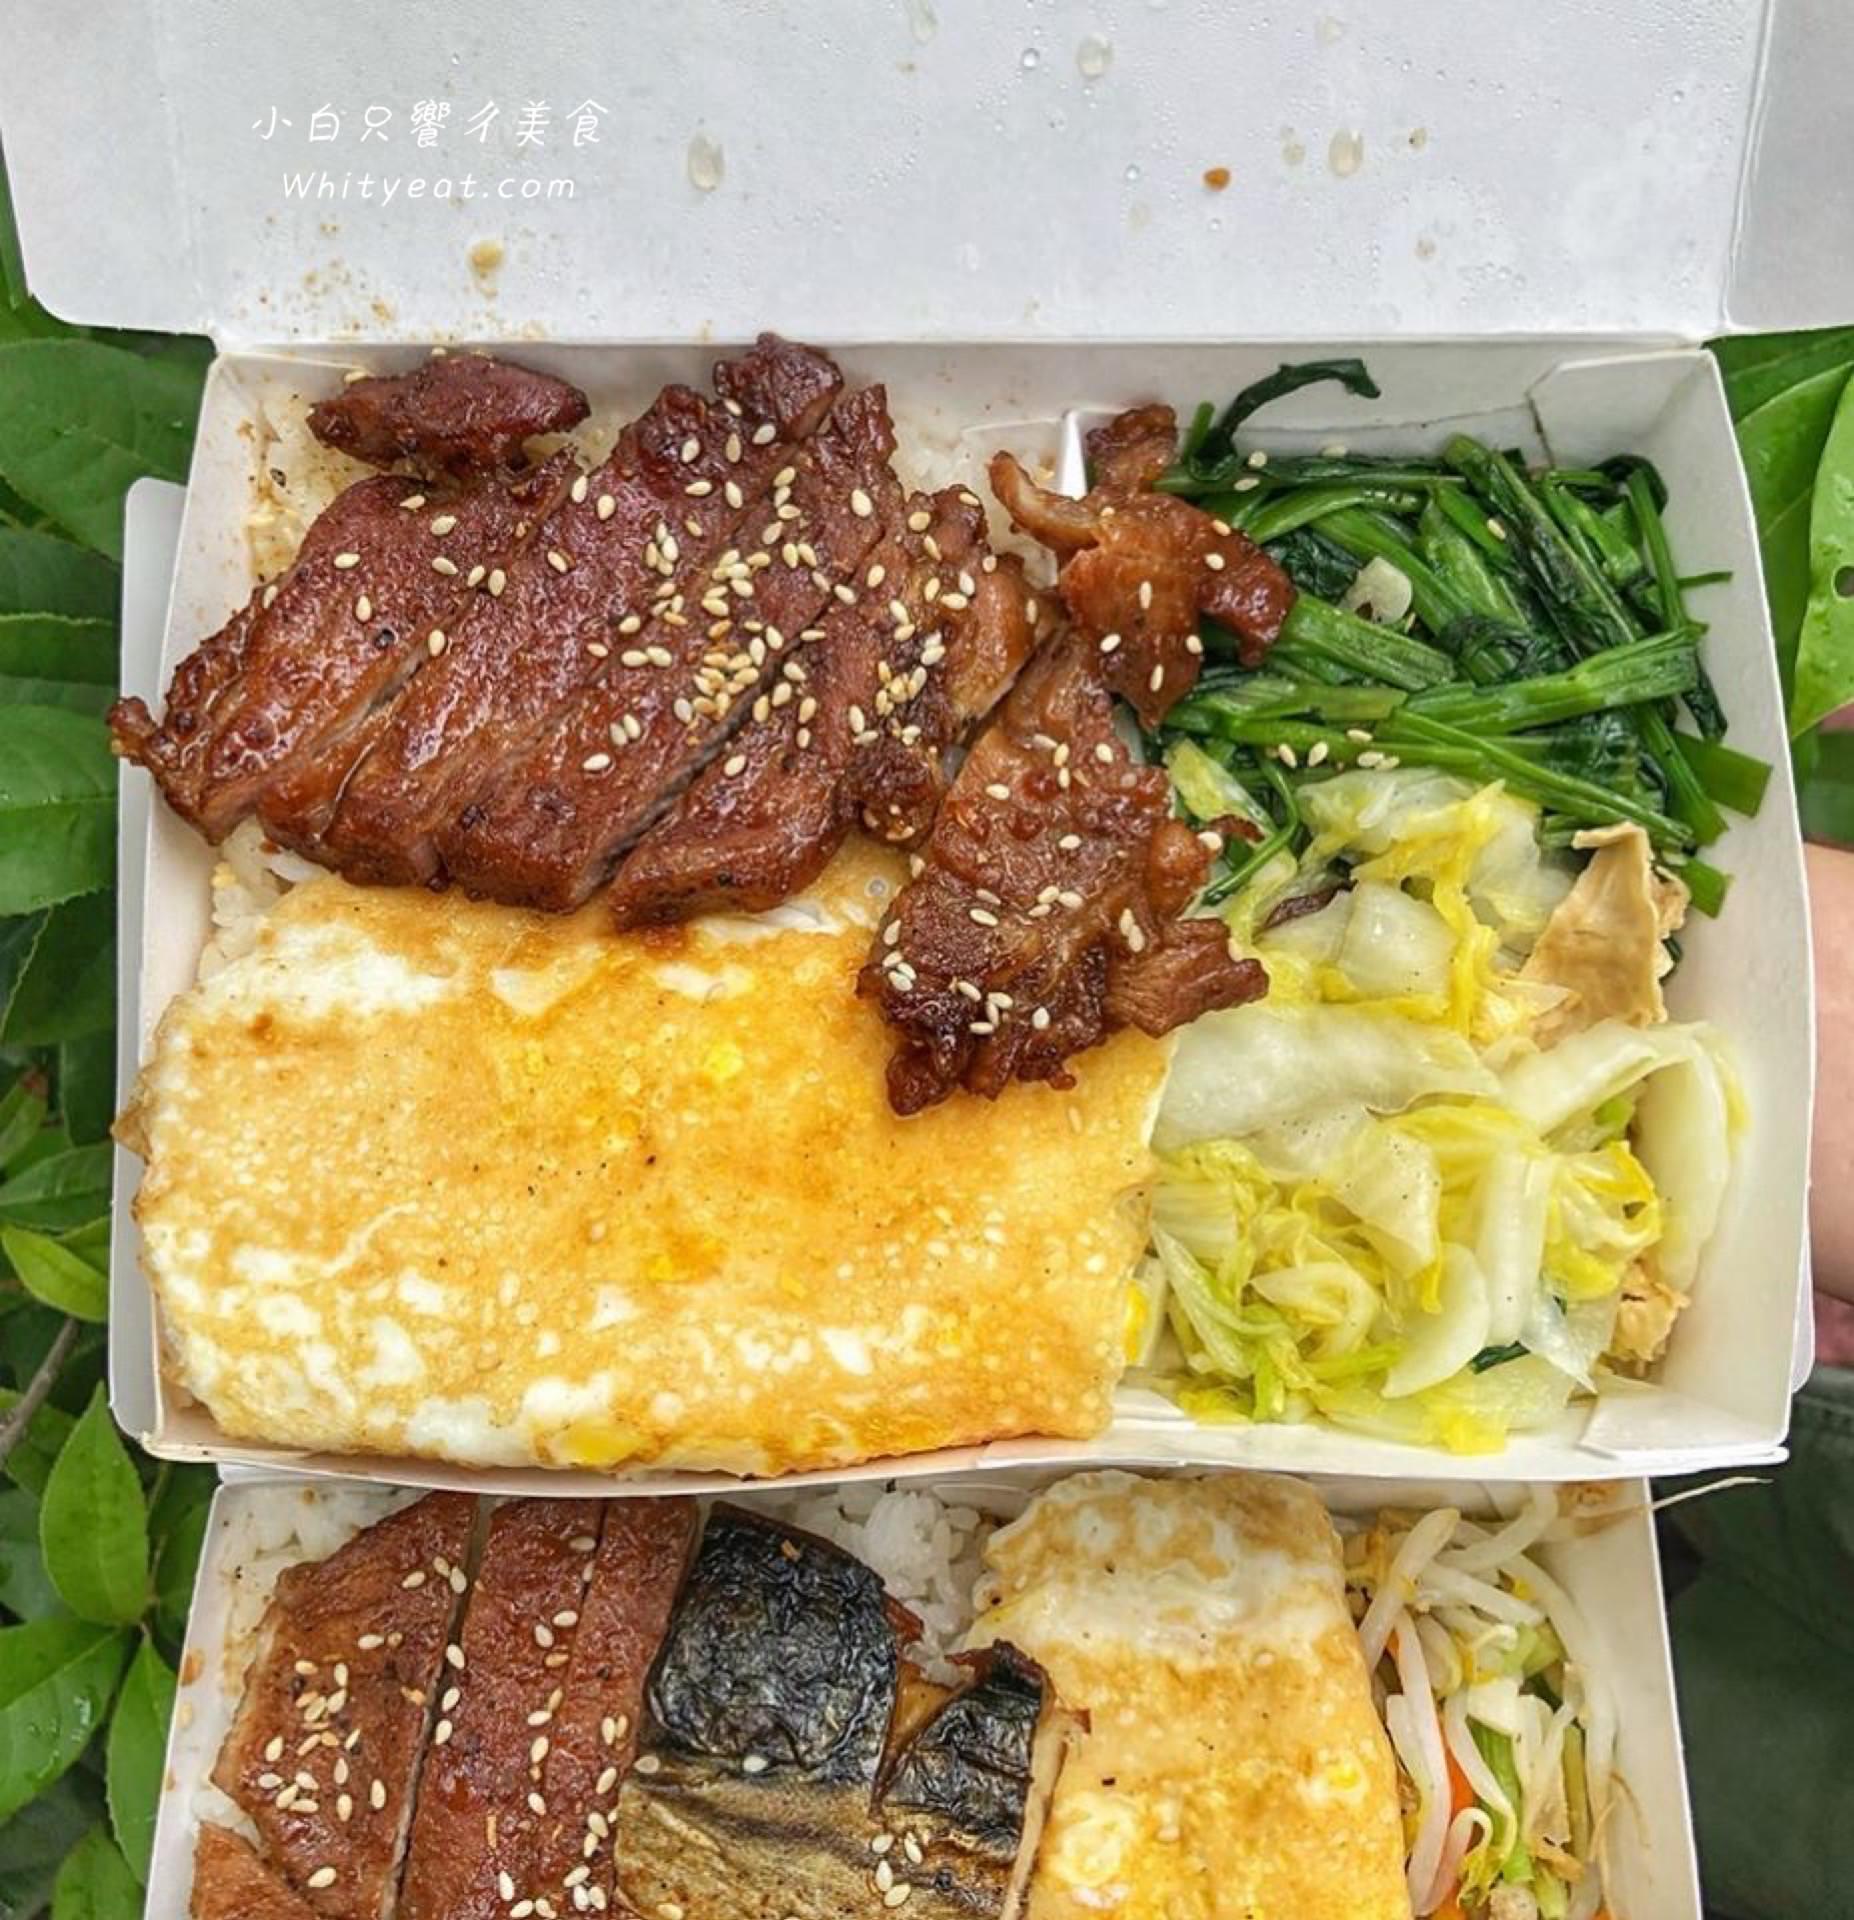 【臺南美食】永康人都知道的超人氣便當店!必點燒肉快餐+紫菜蛋花湯組合 - 大廟口燒烤餐飲店   癡吃的玩